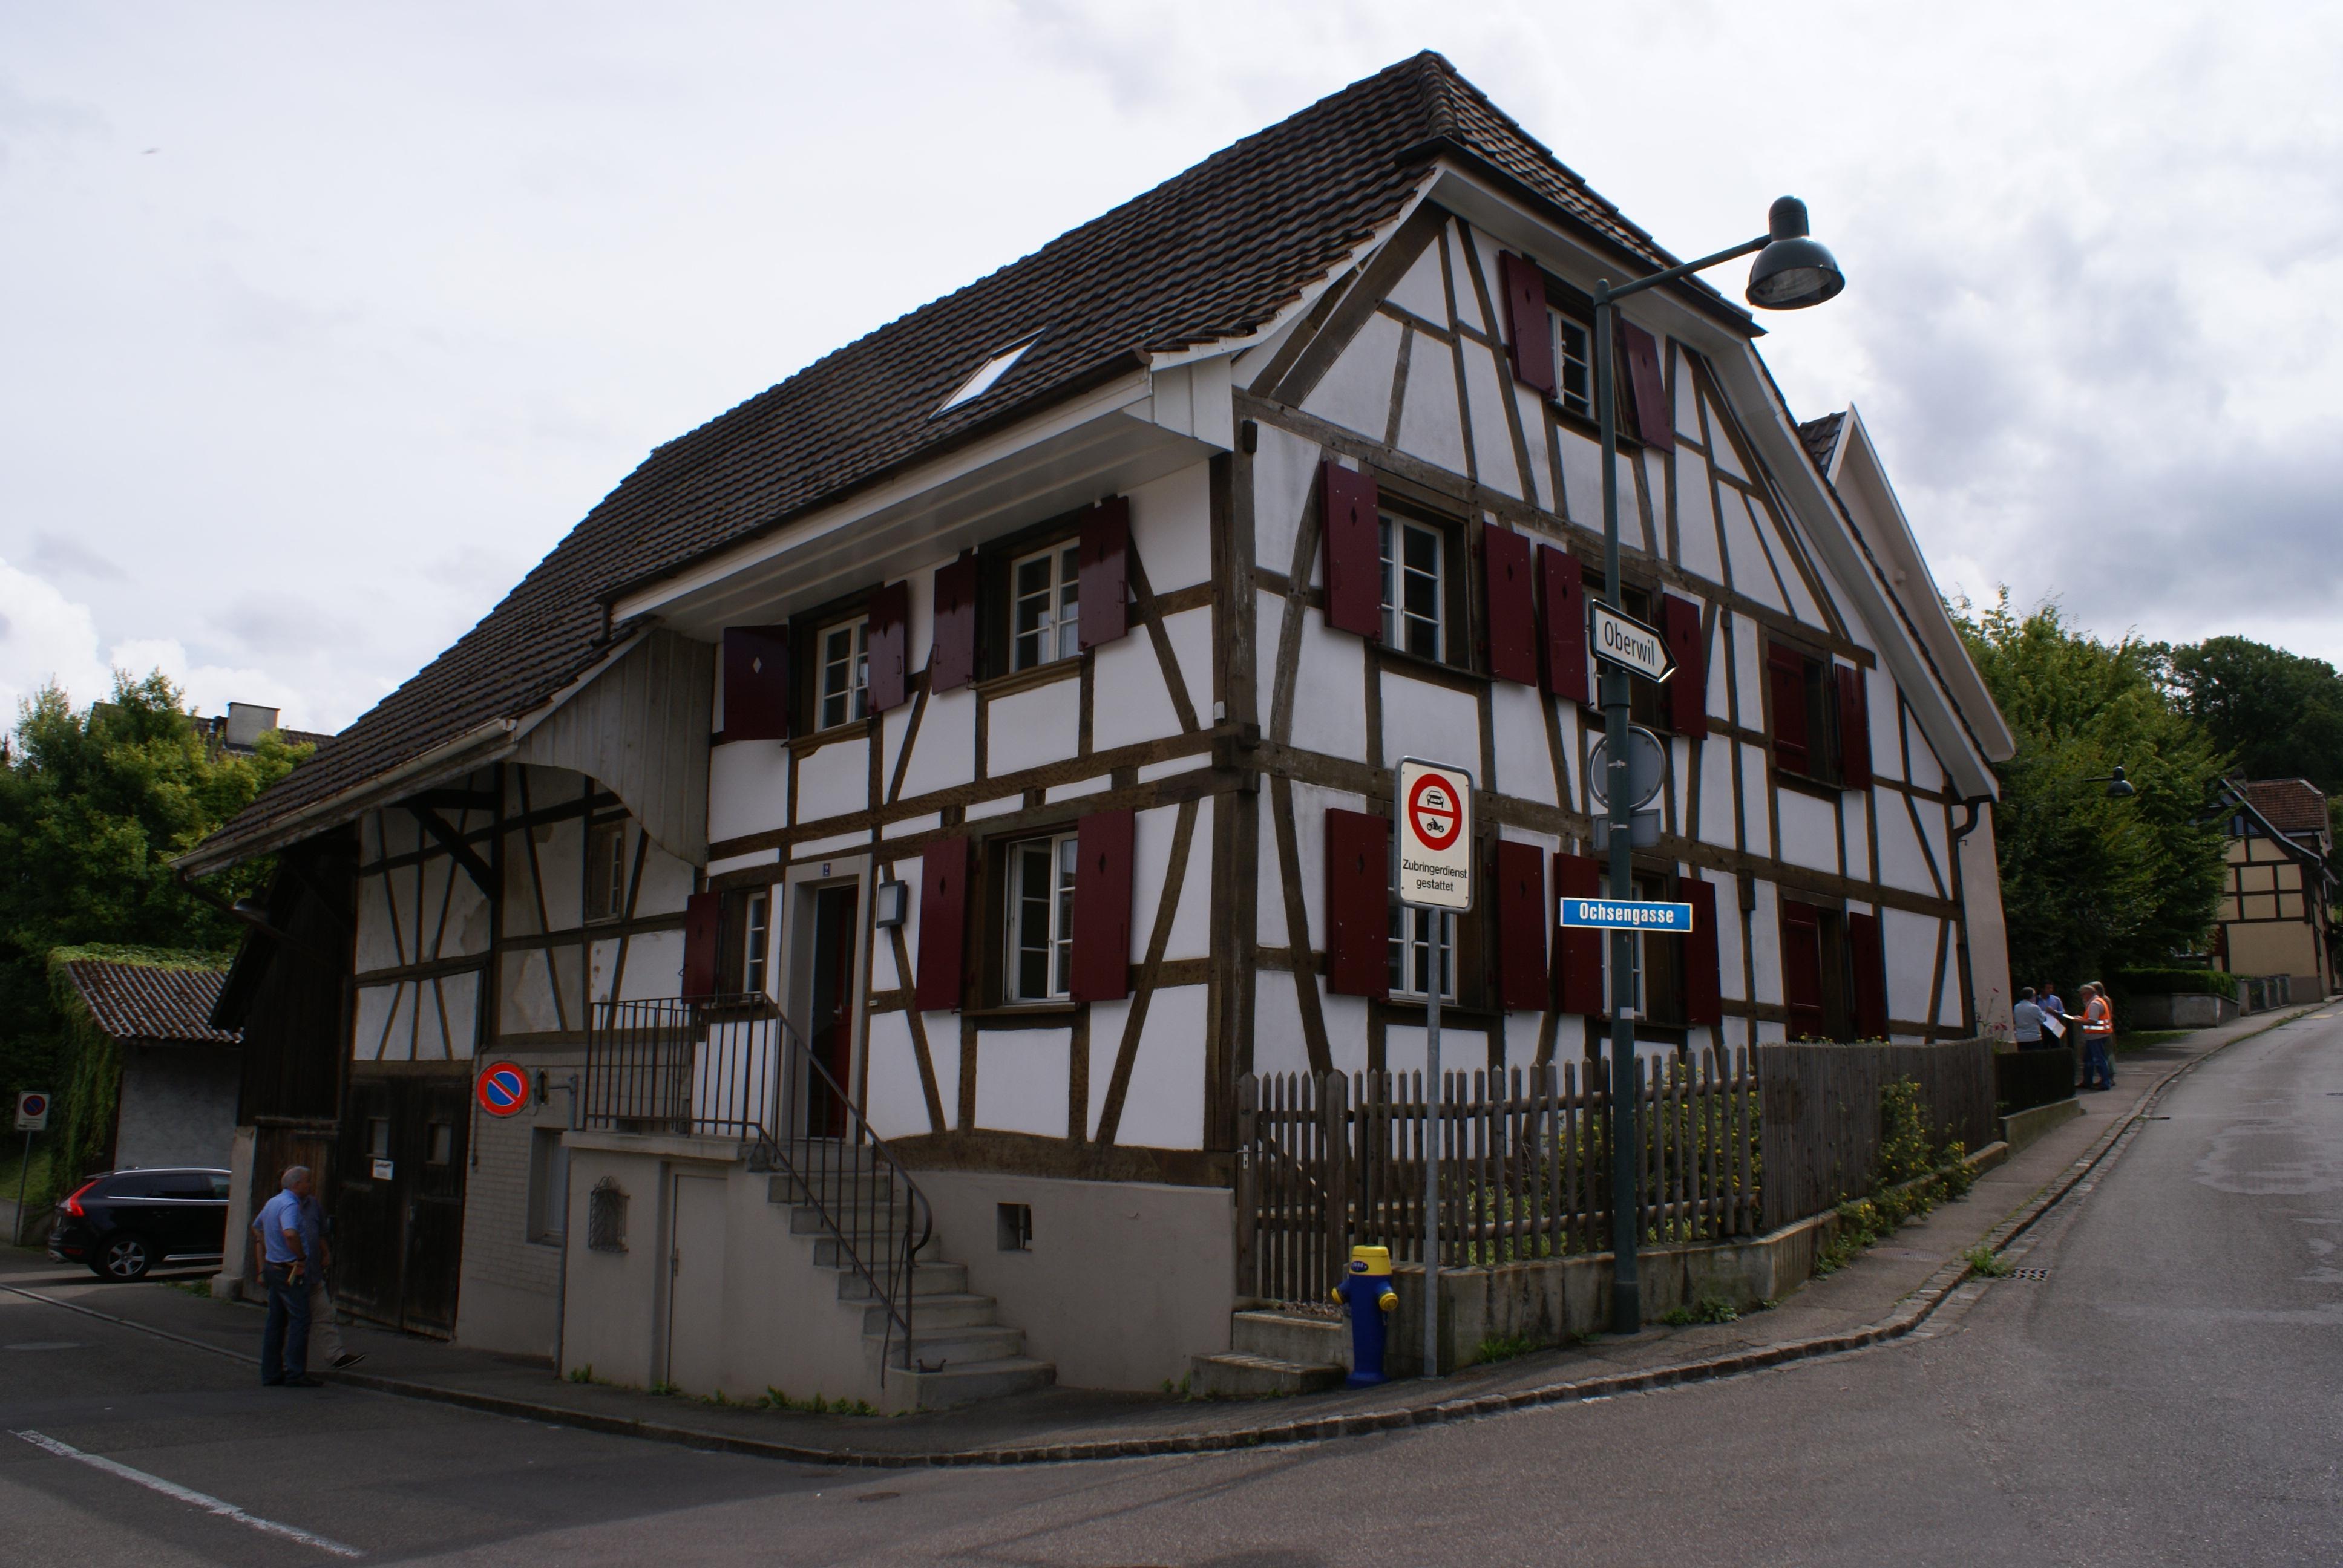 Wohn- und Gewerbehaus in Allschwil / BL (verkauft)